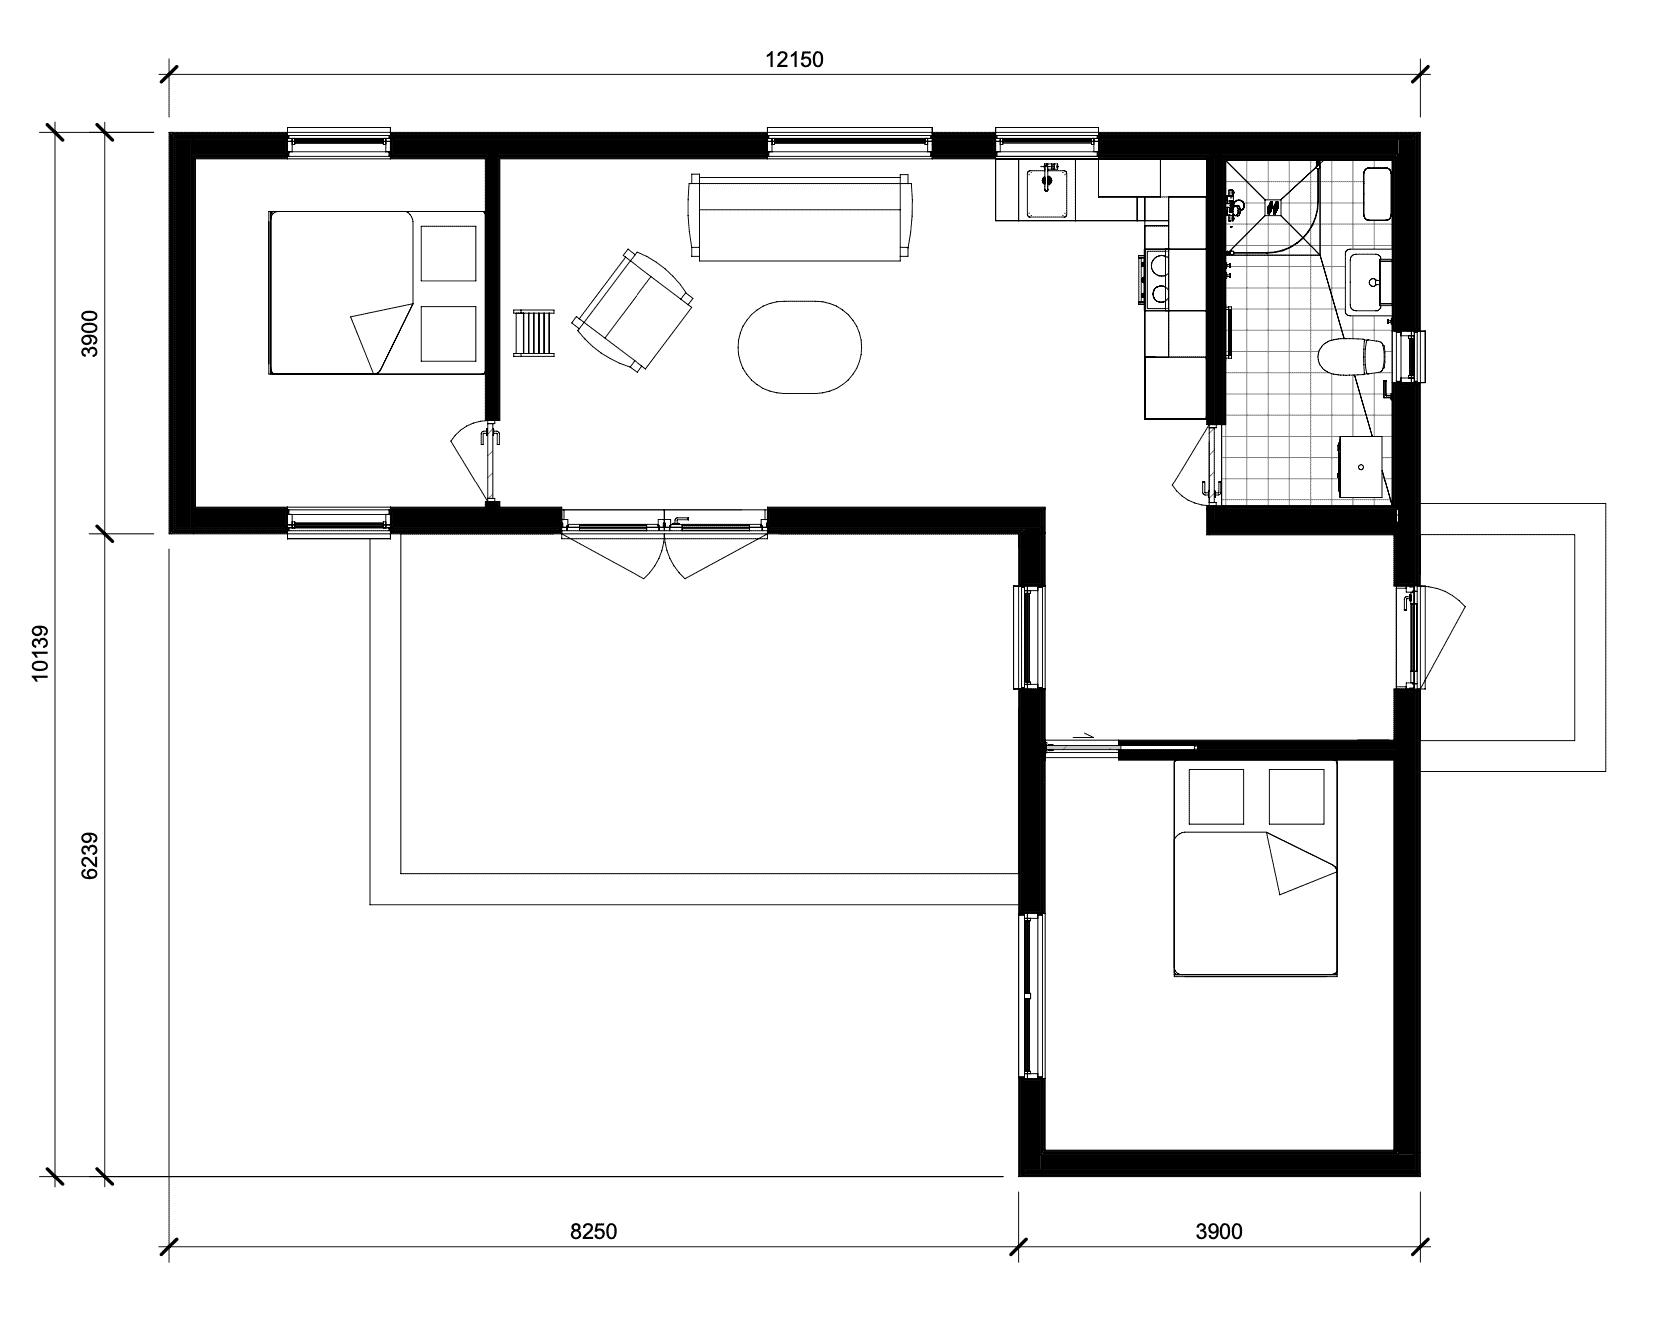 72m2 floorplan